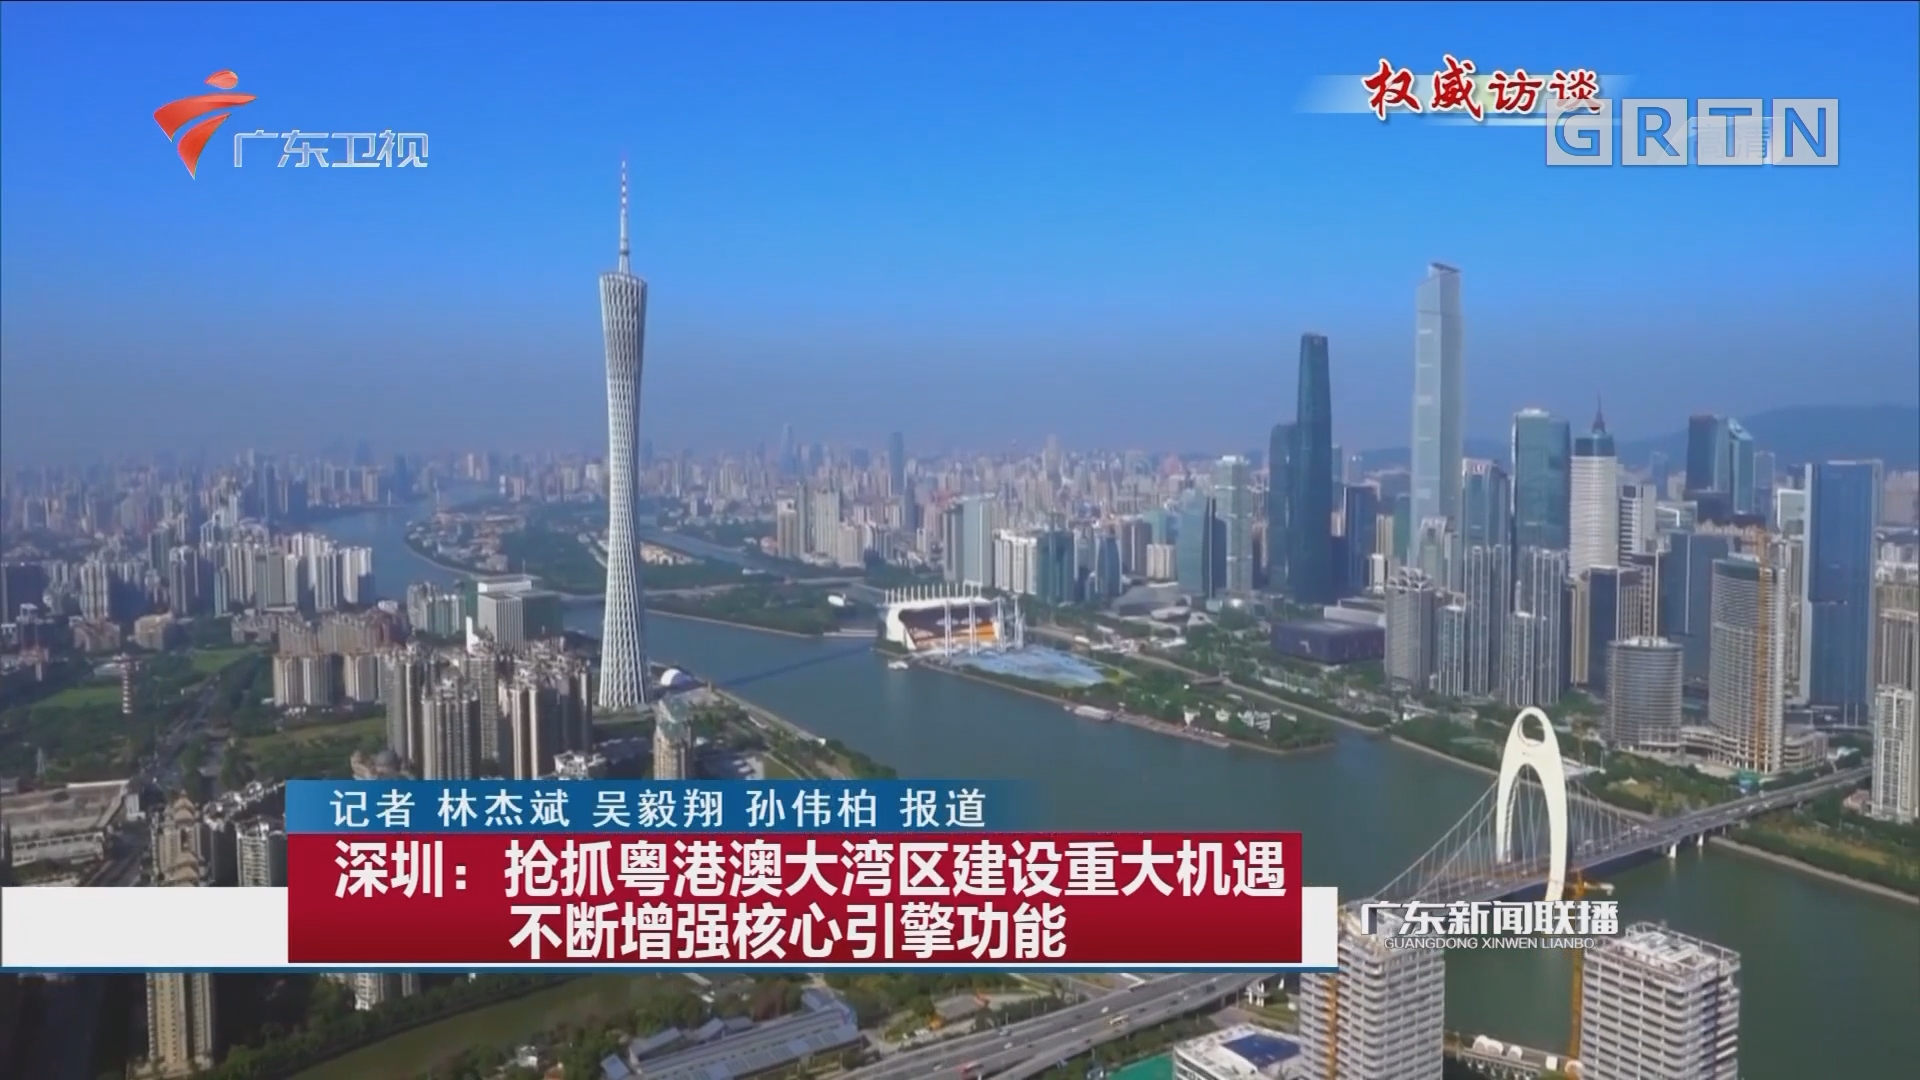 深圳:抢抓粤港澳大湾区建设重大机遇 不断增强核心引擎功能